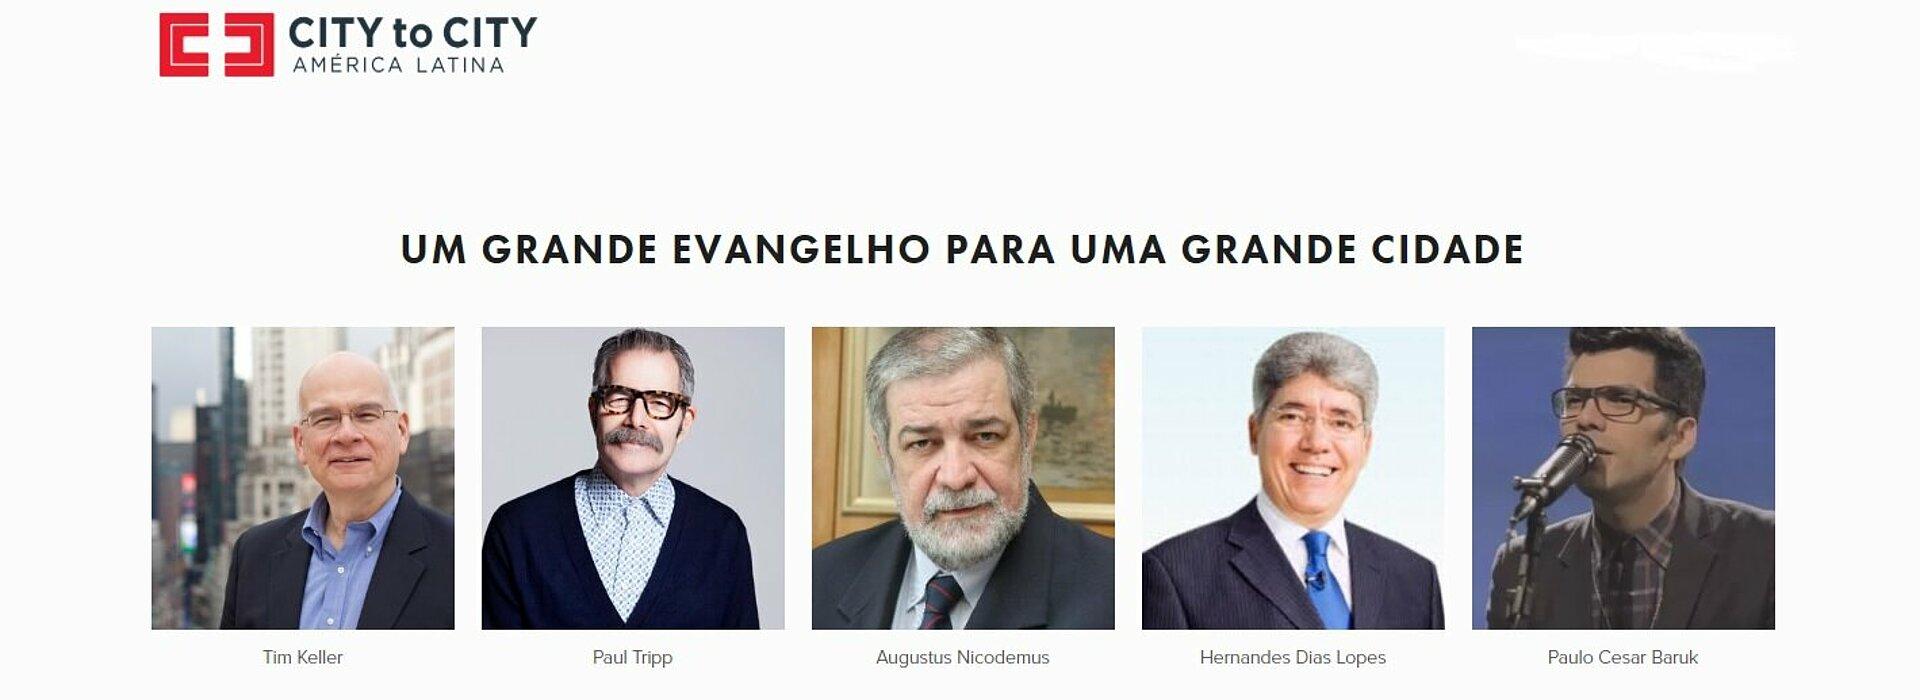 fundo branco com foto dos rostos dos palestrantes do evento